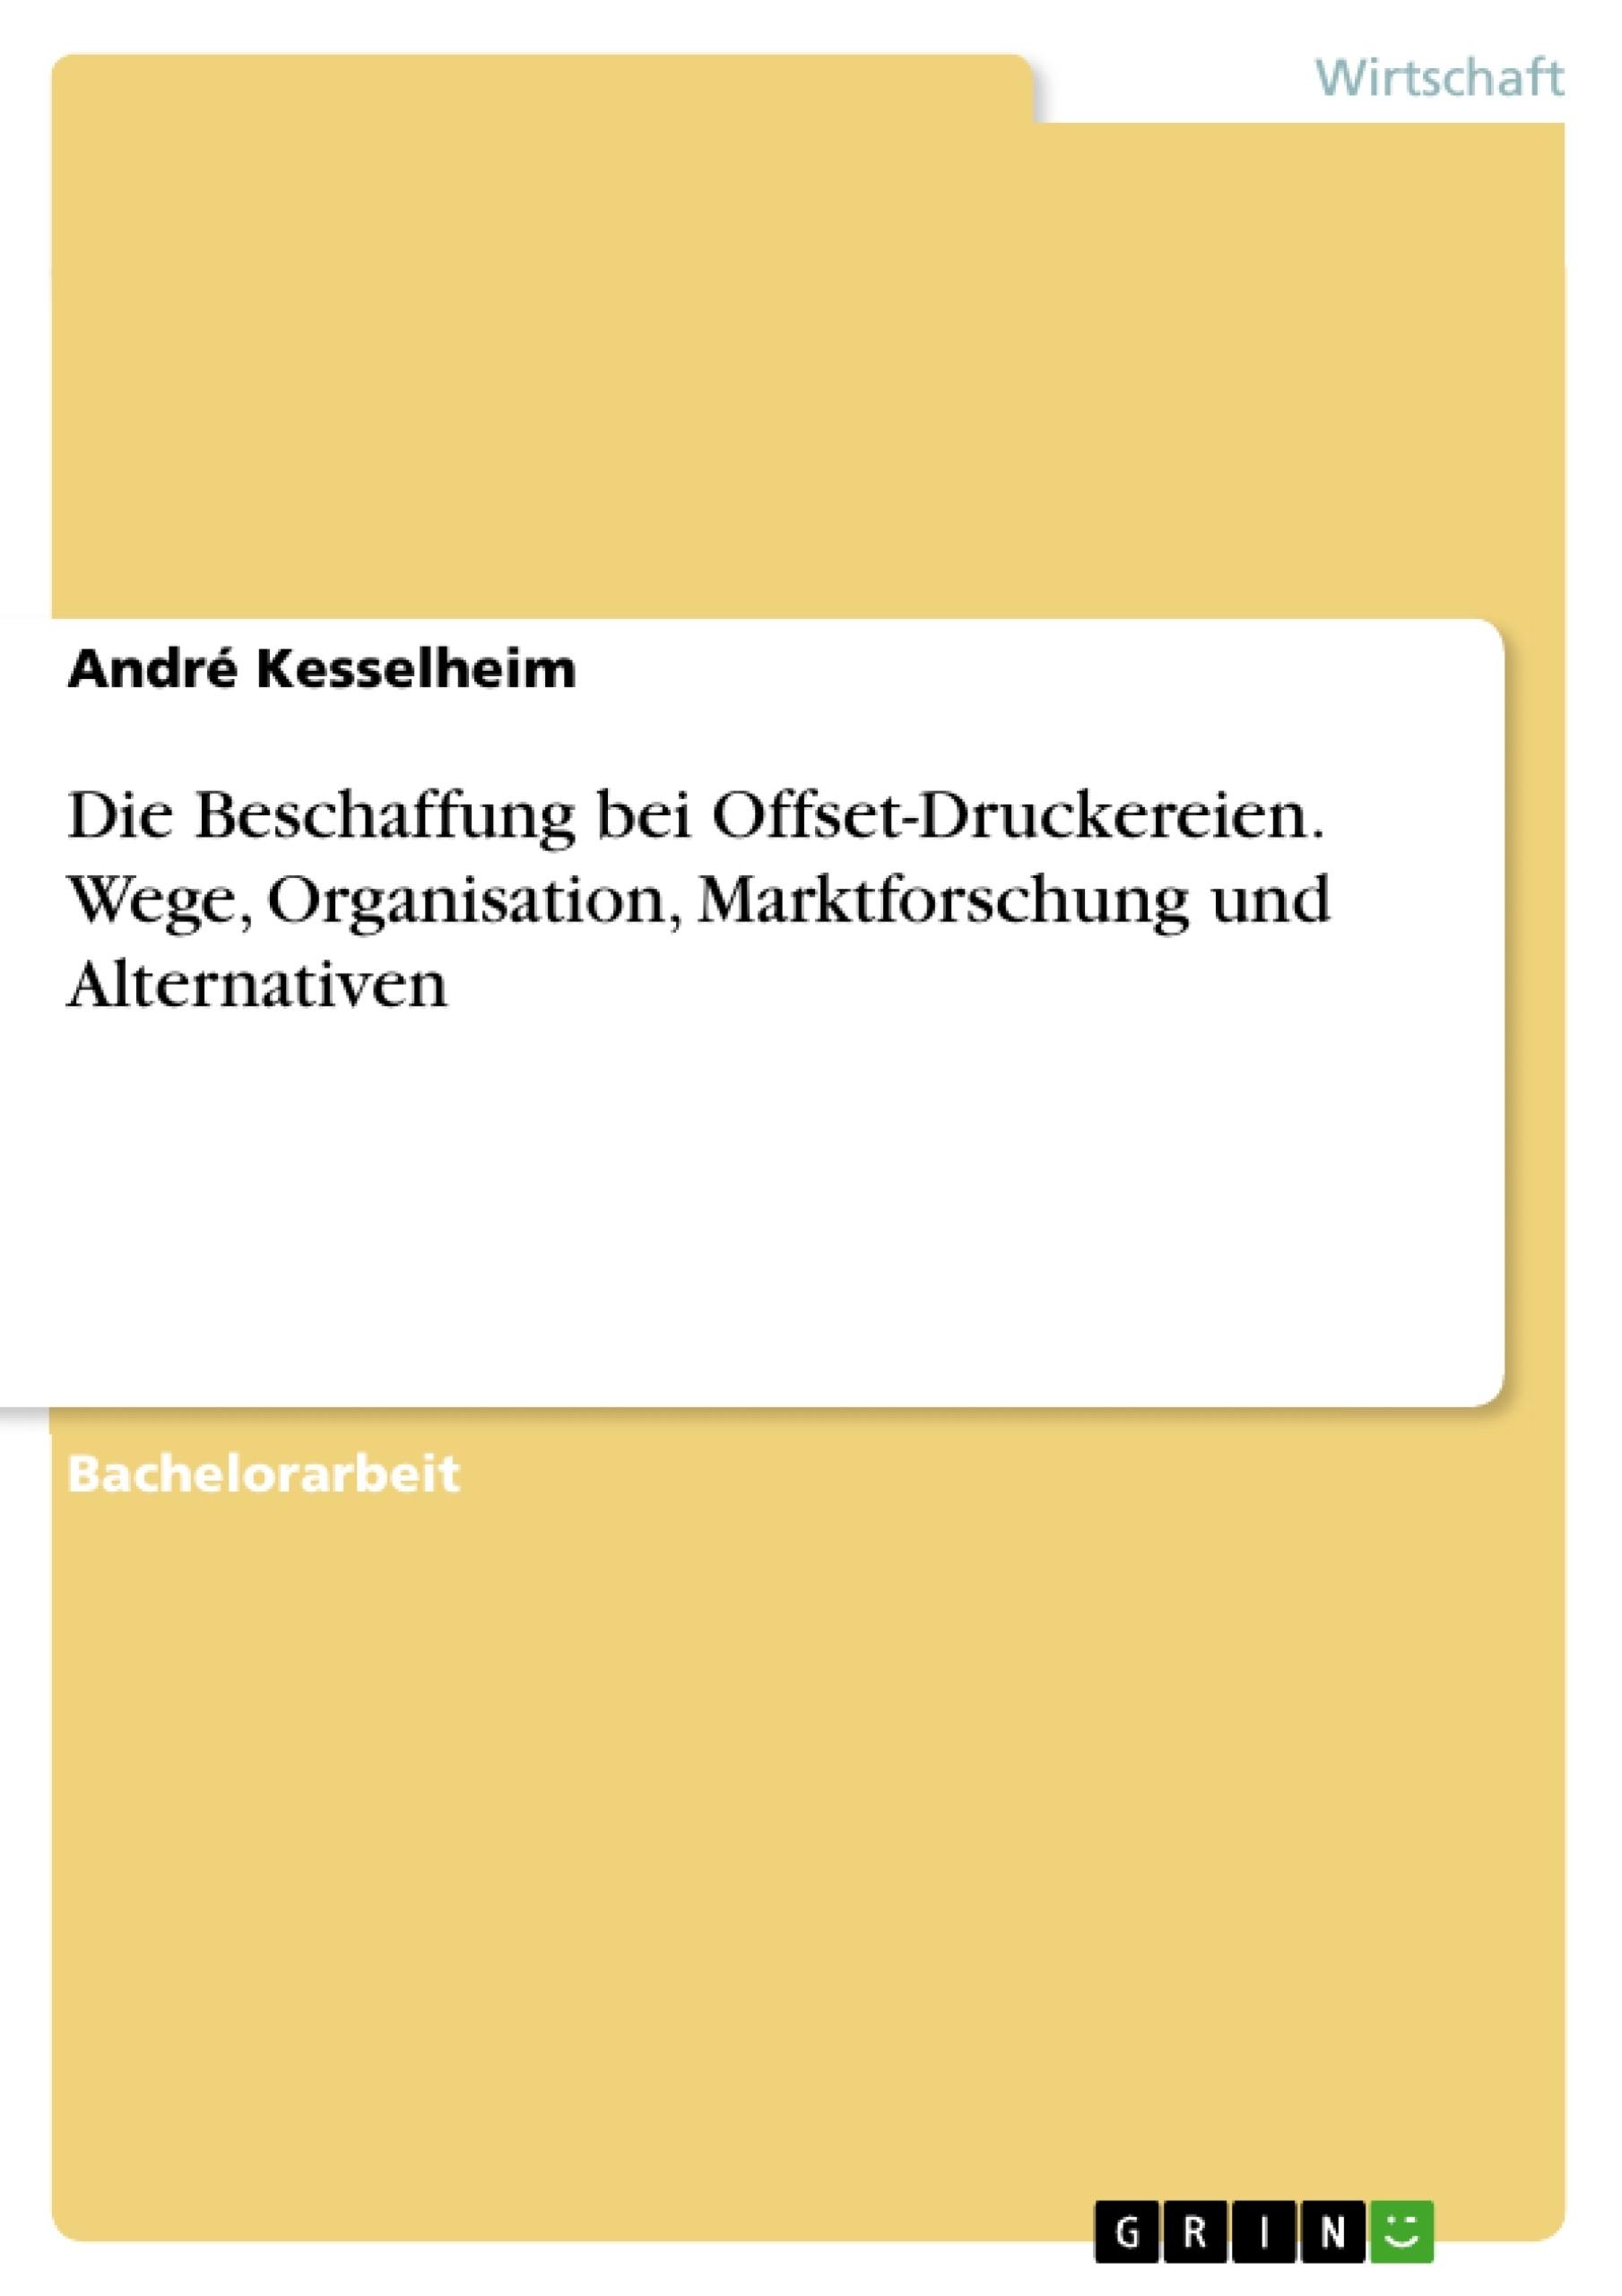 Titel: Die Beschaffung bei Offset-Druckereien. Wege, Organisation, Marktforschung und Alternativen